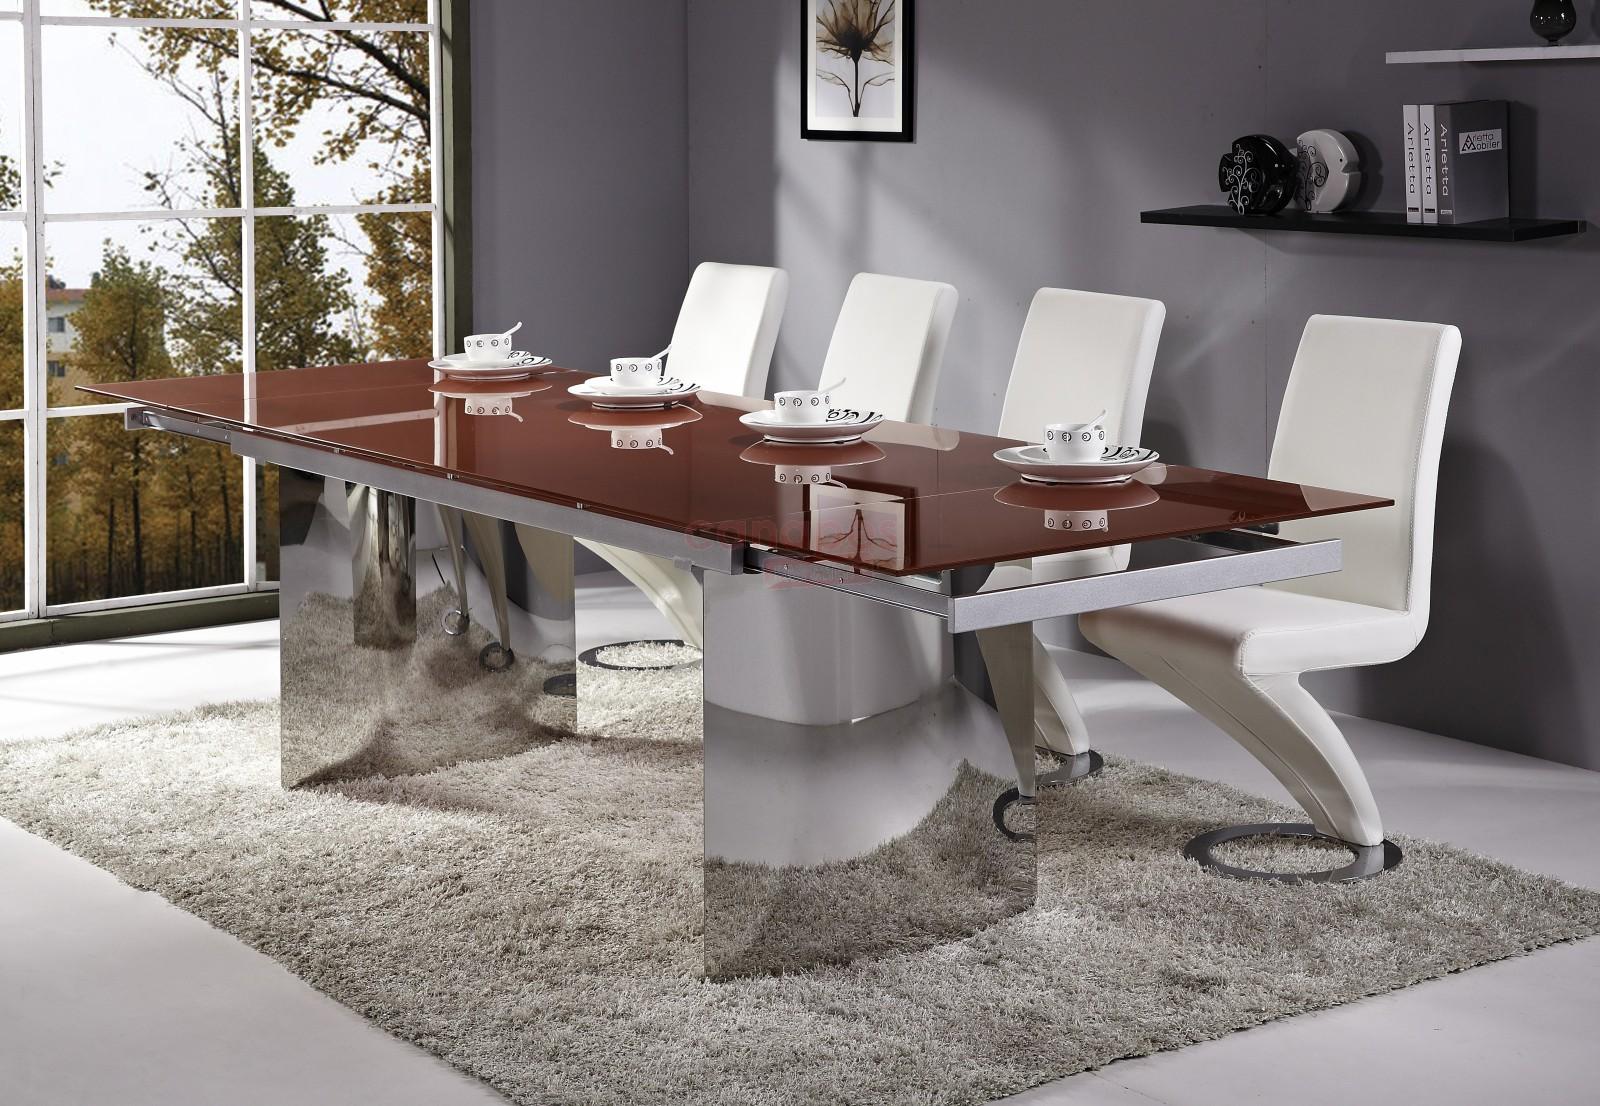 image montrant une table a manger design